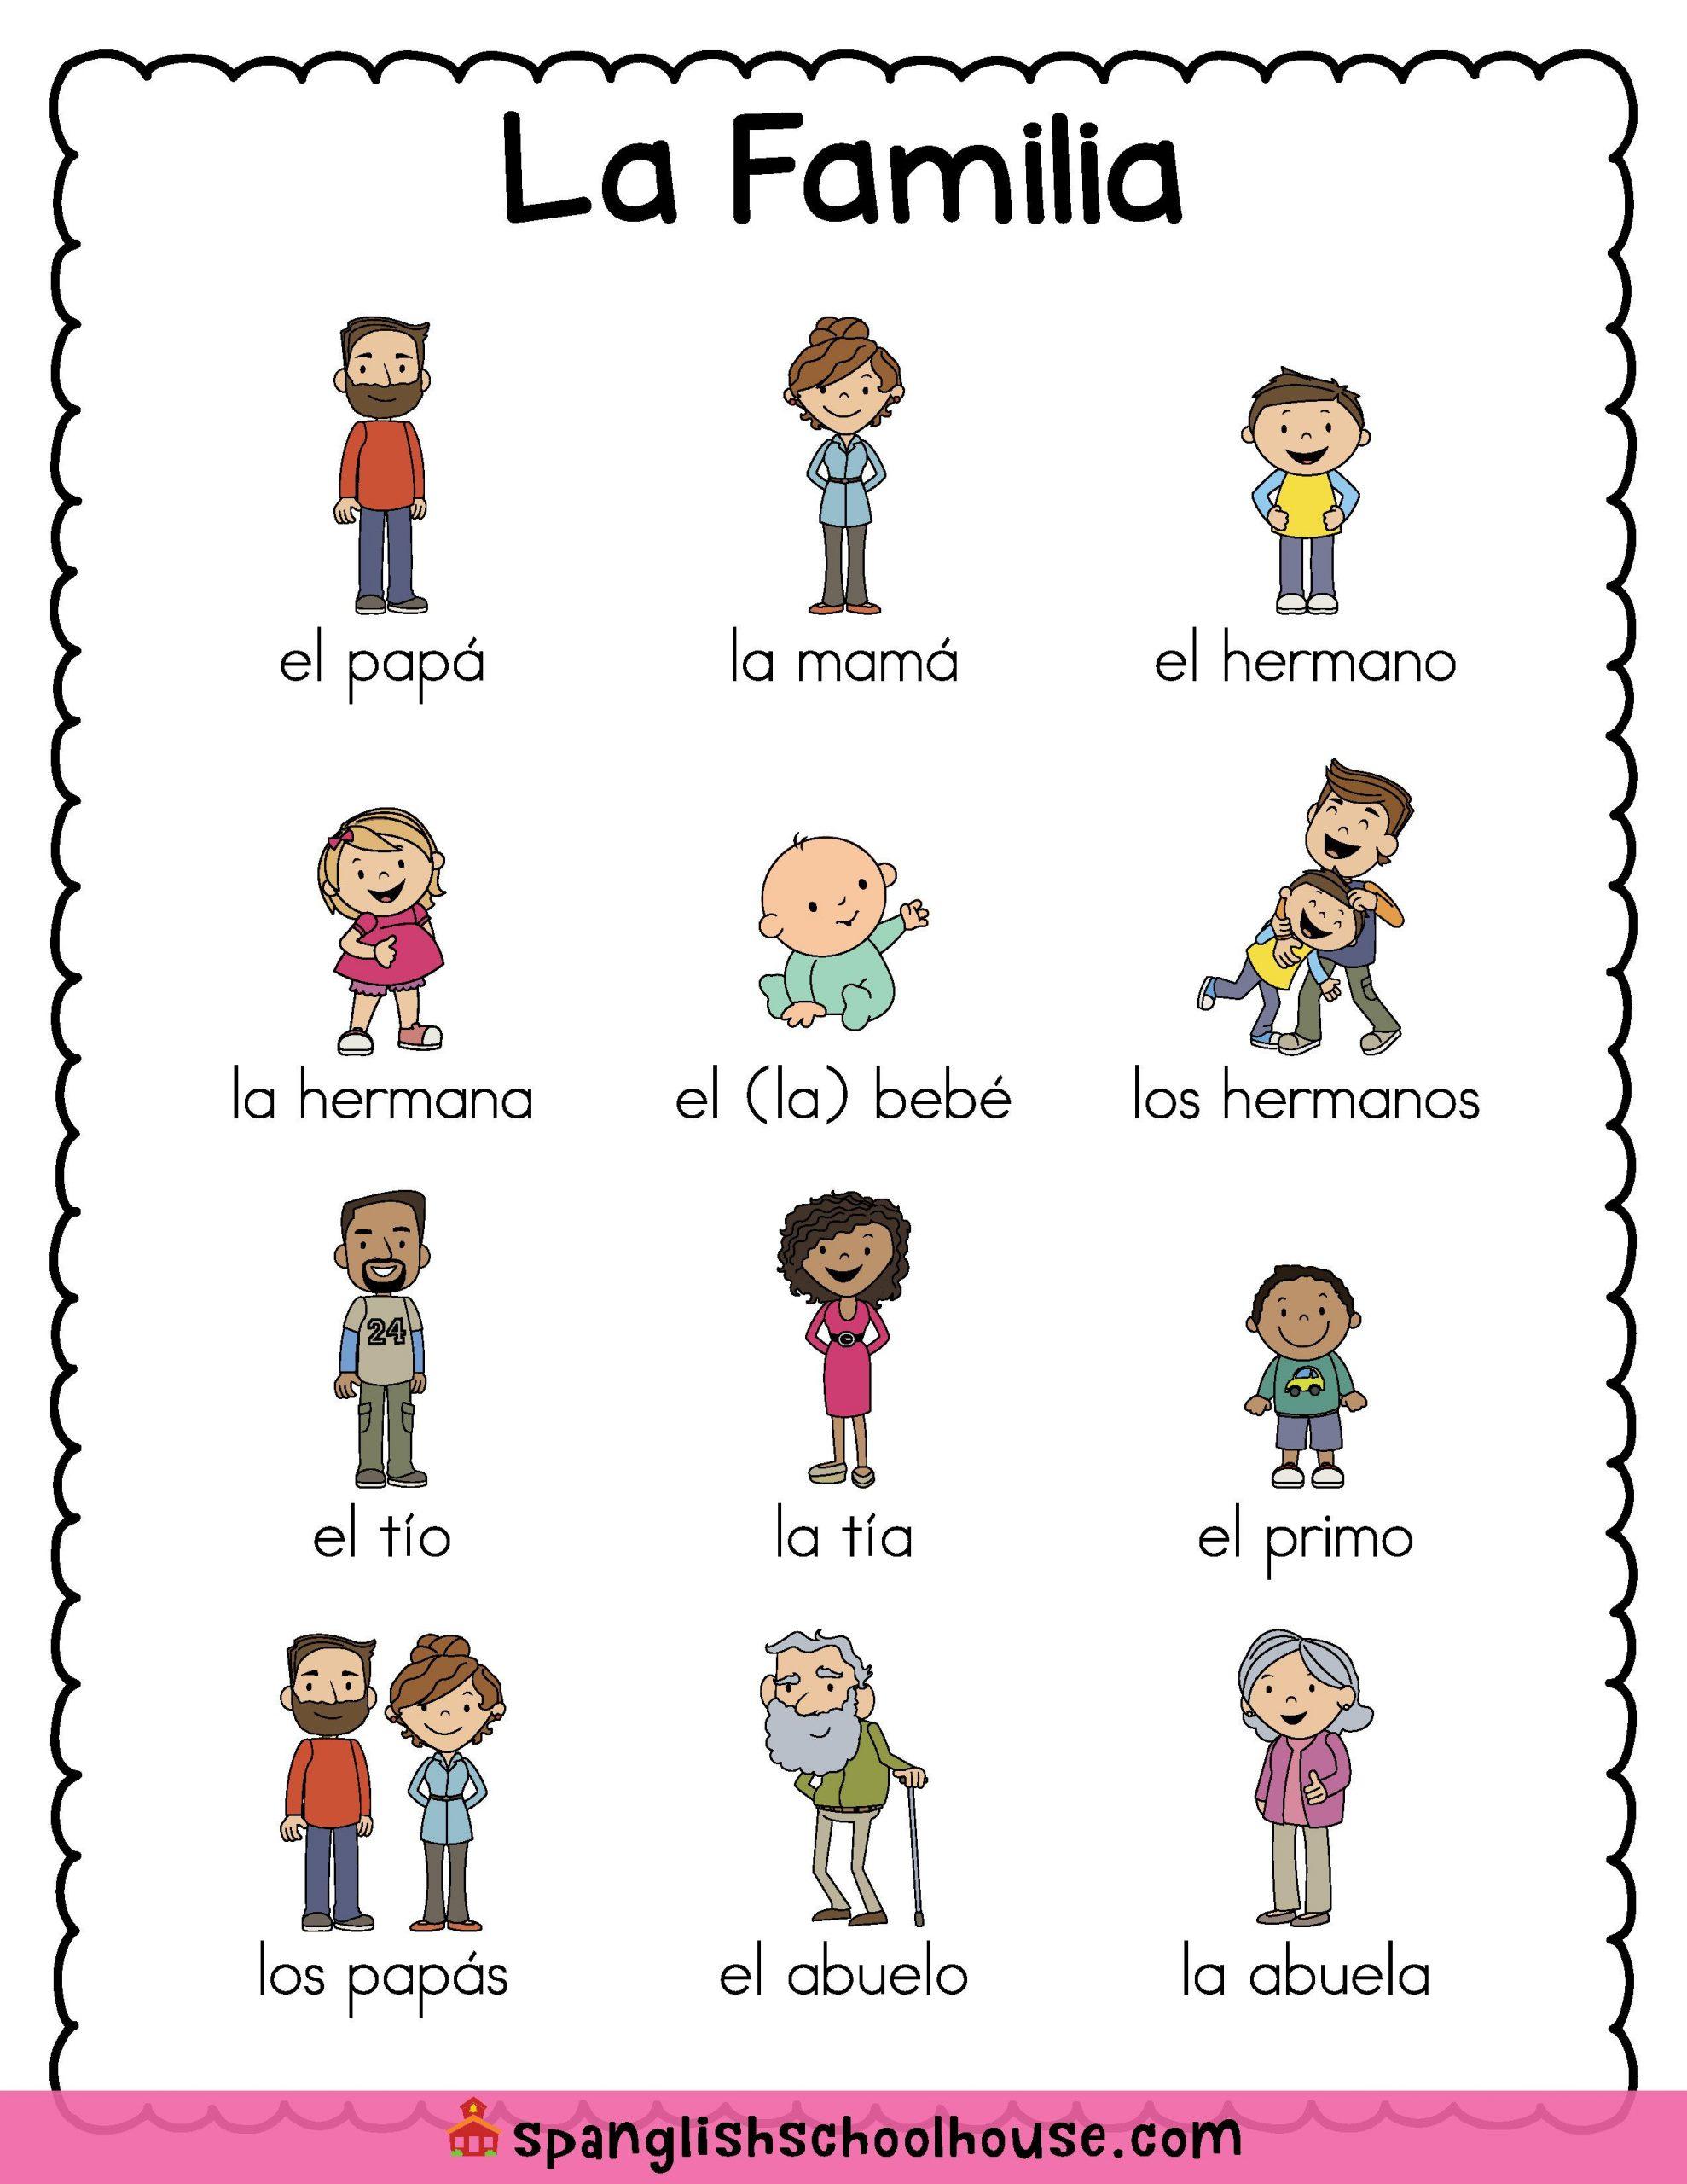 La Familia Family Vocabulary in Spanish